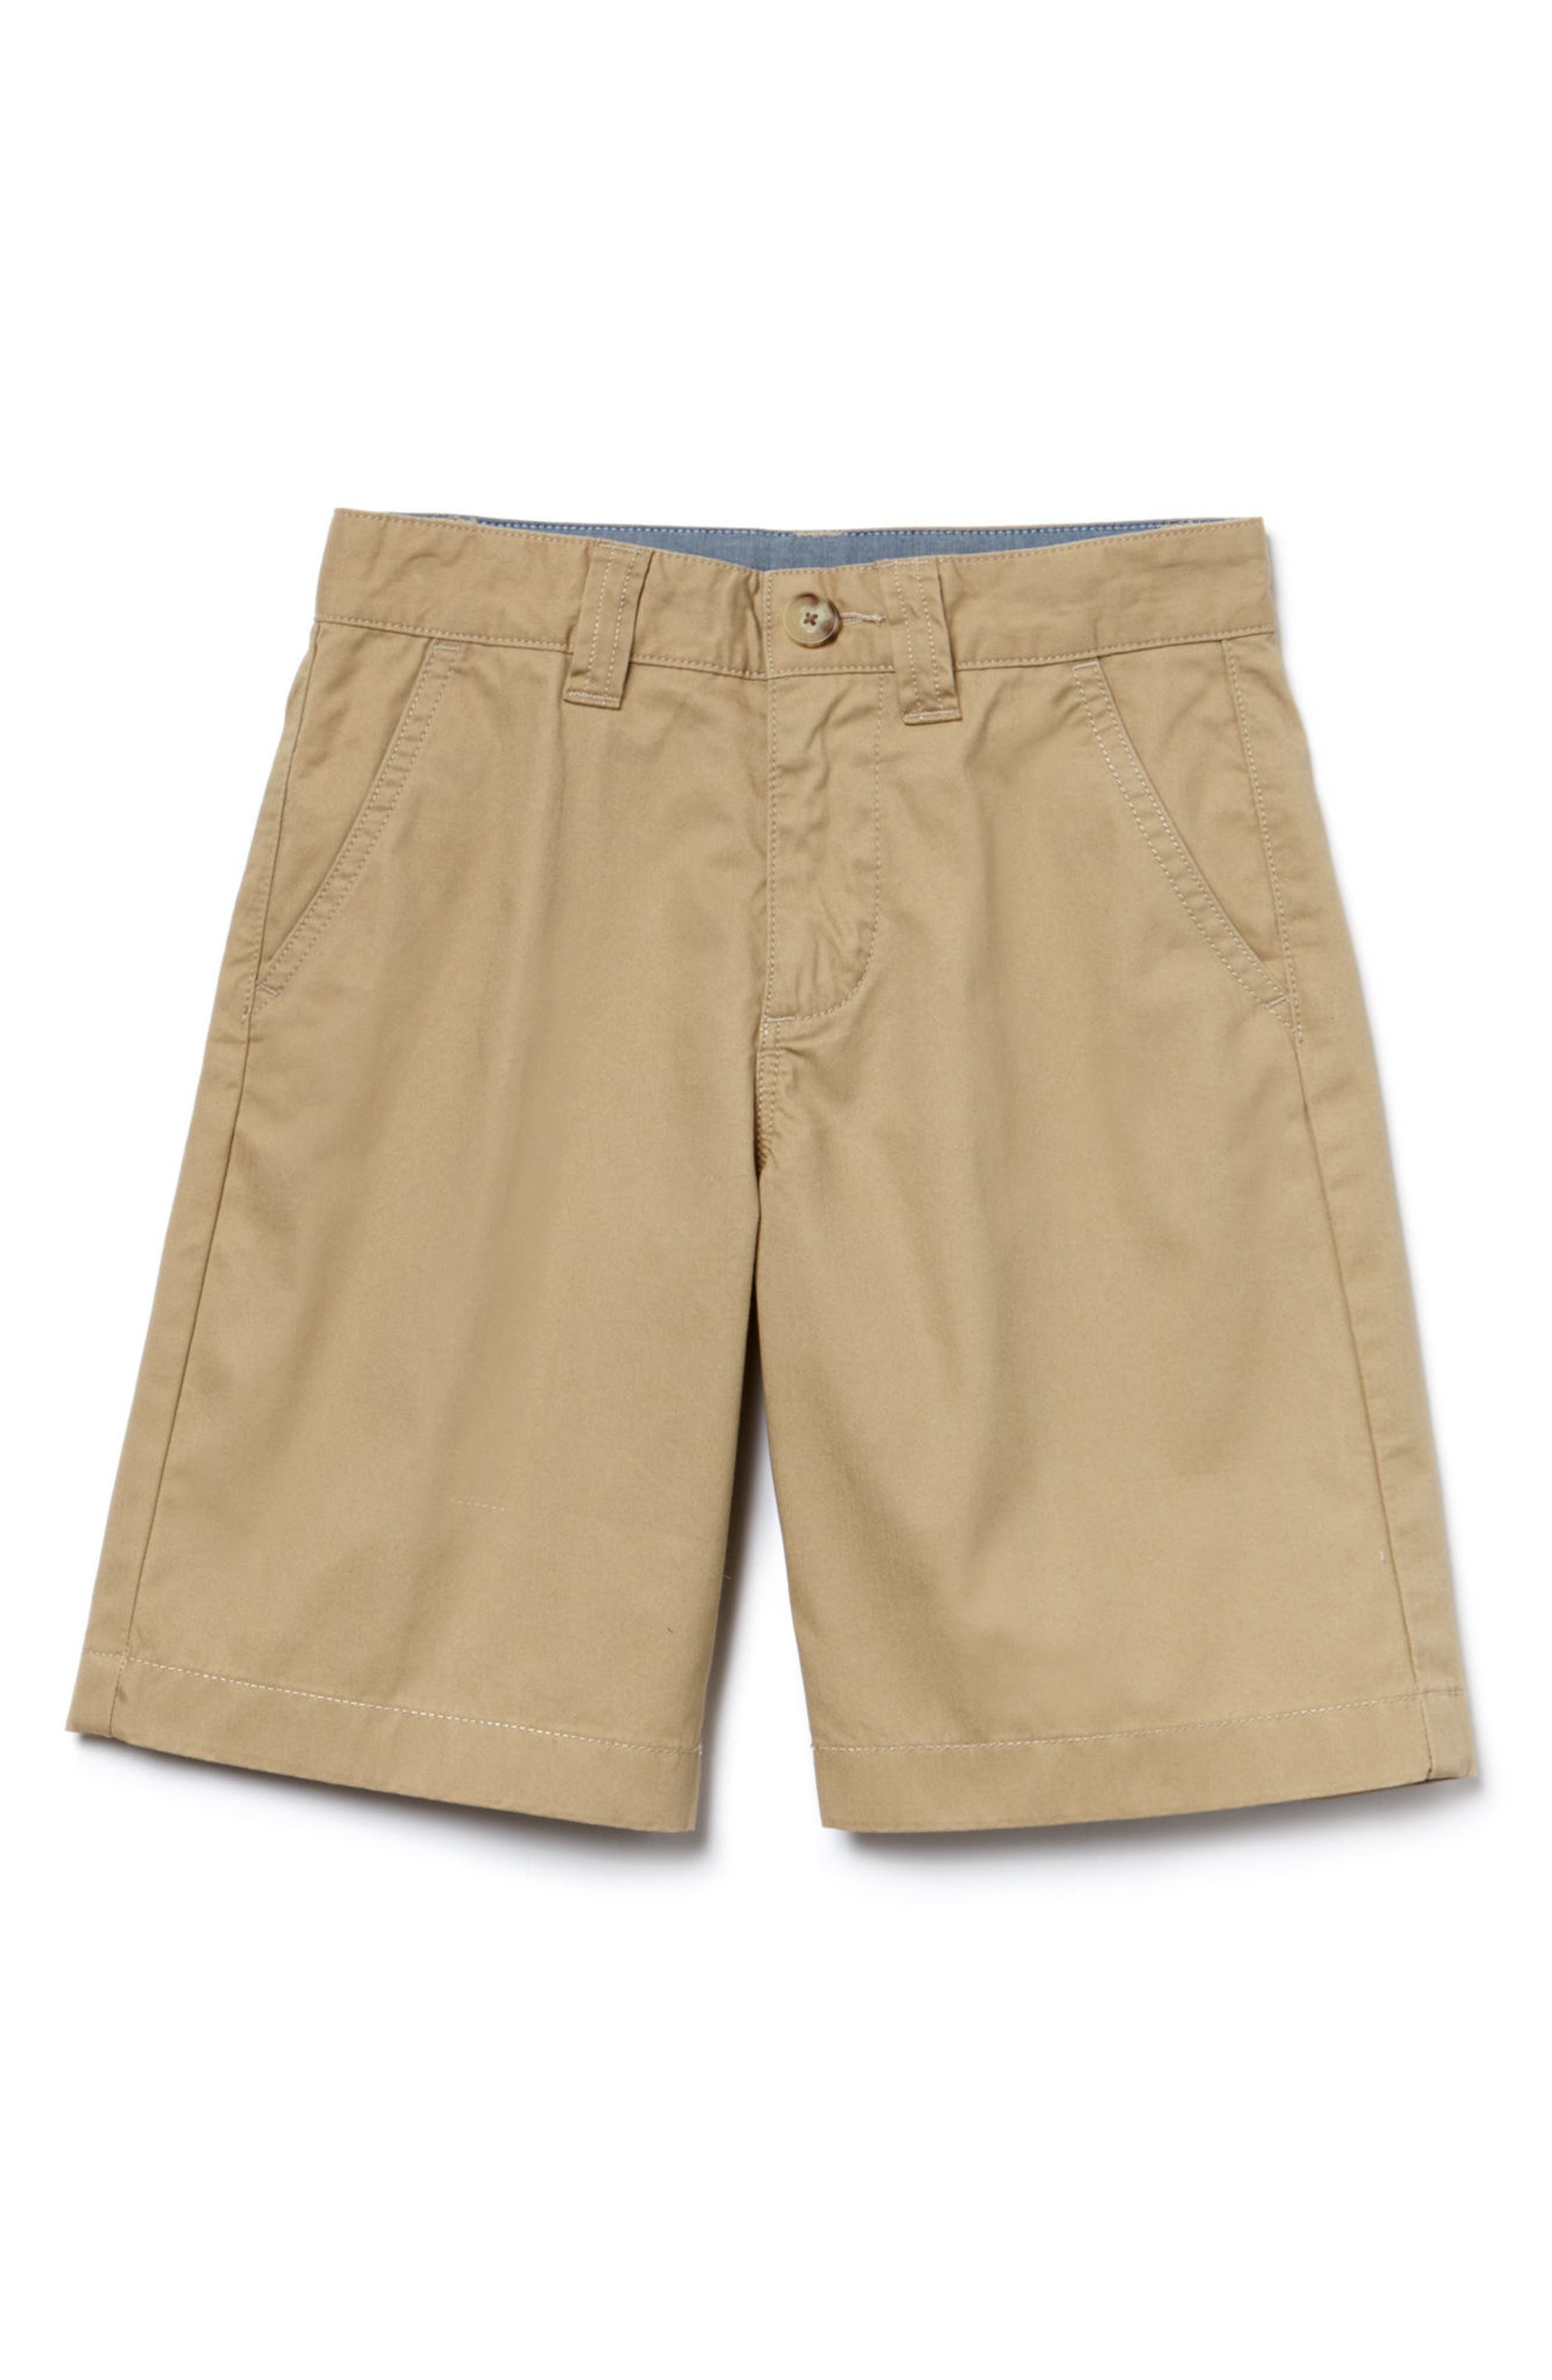 LACOSTE Classic Bermuda Shorts, Main, color, 200